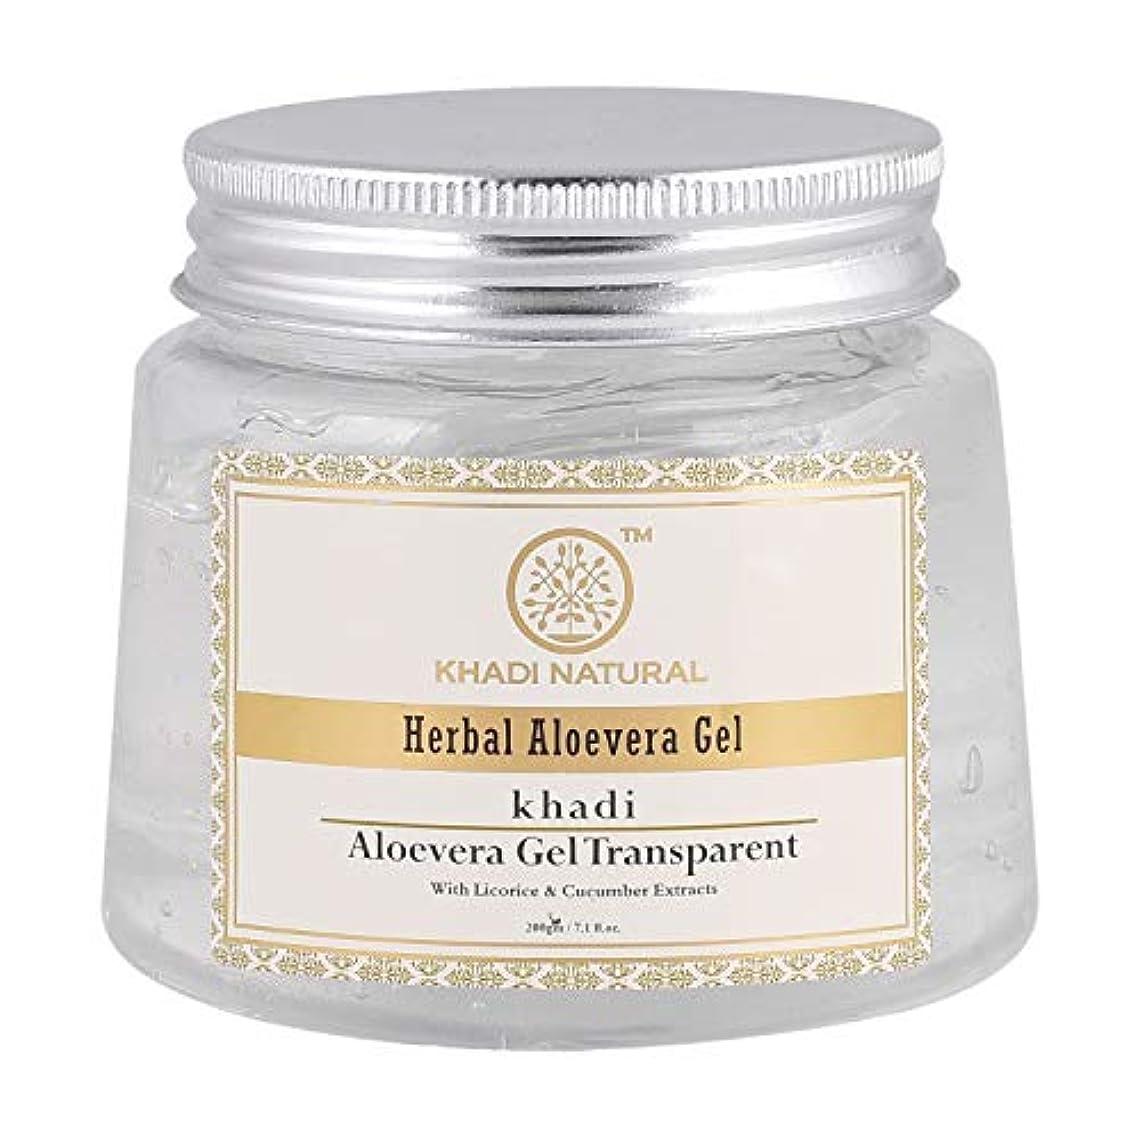 消化器ひいきにする永遠のKhadi Natural Herbal Aloevera Gel With Liqorice & Cucumber Extracts 200g